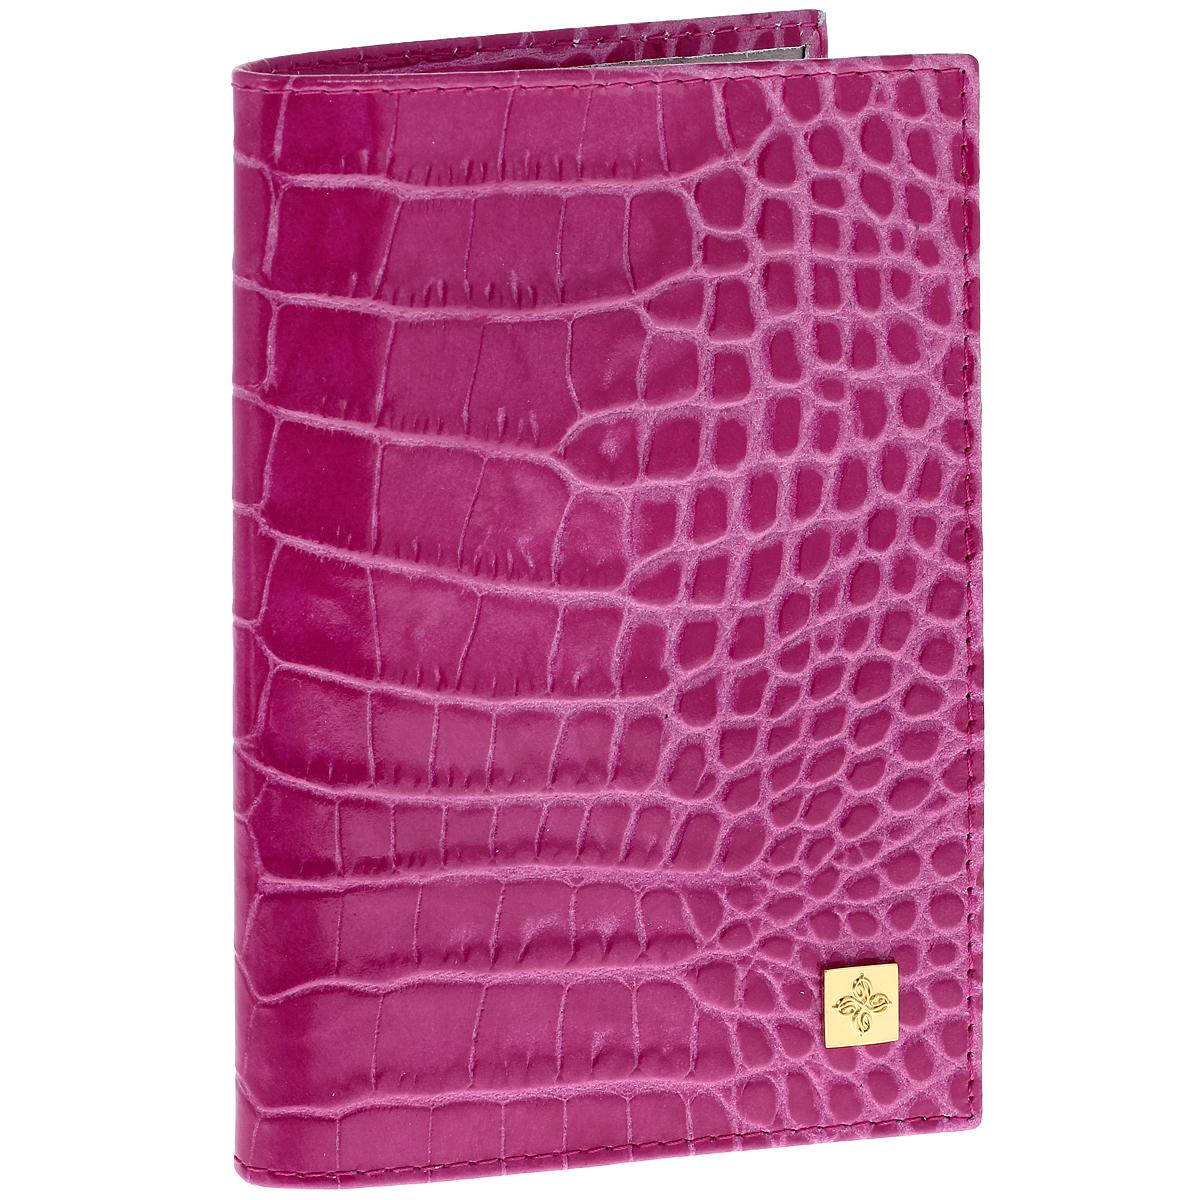 Обложка для паспорта Dimanche Фуксия, цвет: розовый. 970970Обложка для паспорта Dimanche Фуксия выполнена из натуральной кожи с декоративным тиснением под рептилию. На внутреннем развороте два кармана из прозрачного пластика. Снаружи обложка оформлена металлической вставкой с логотипом фирмы Dimanche. Обложка упакована в фирменную картонную коробку. Такая обложка станет отличным подарком для человека, ценящего качественные и необычные вещи.